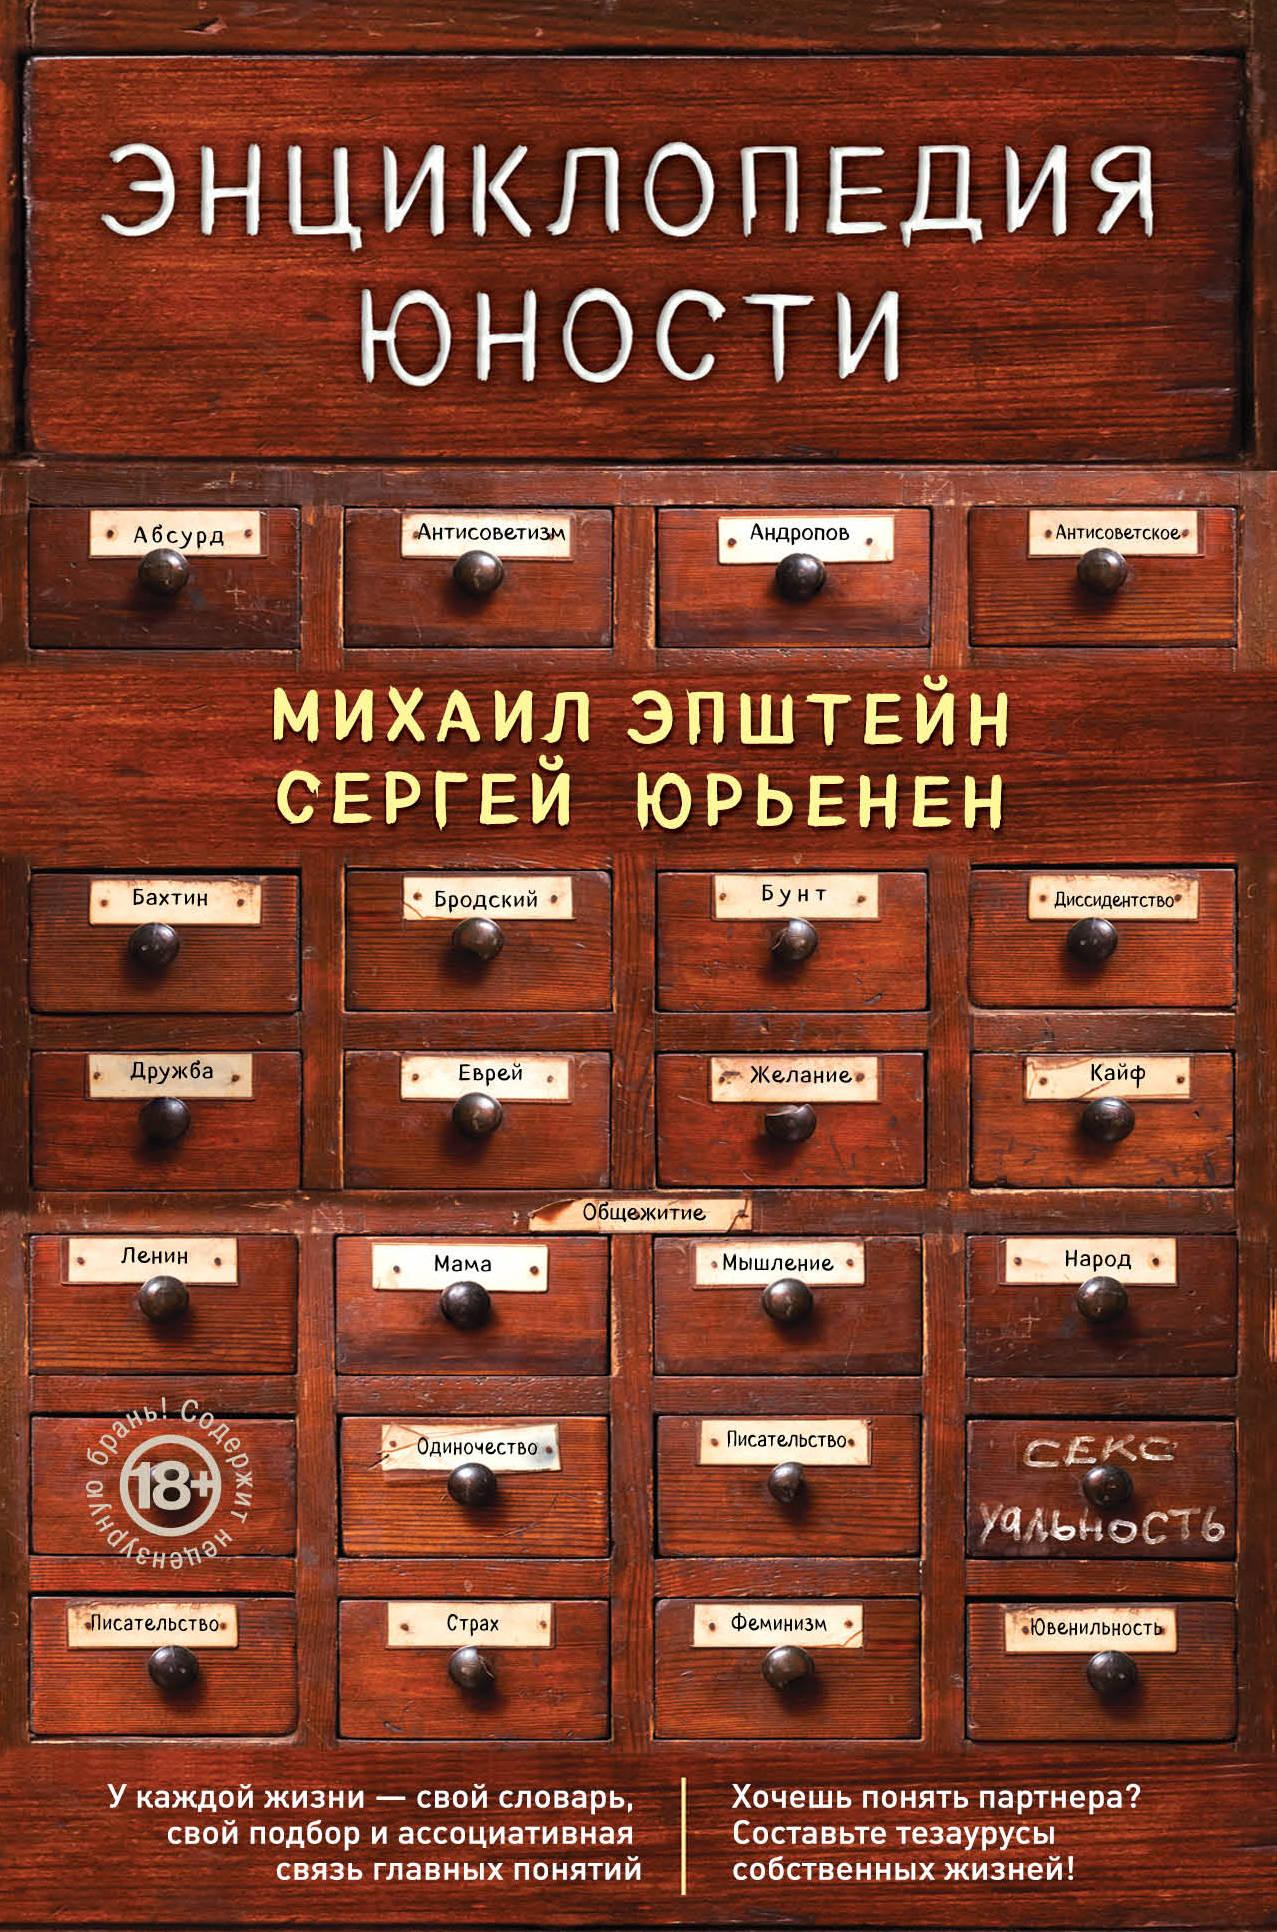 Михаил Эпштейн, Сергей Юрьенен Энциклопедия юности